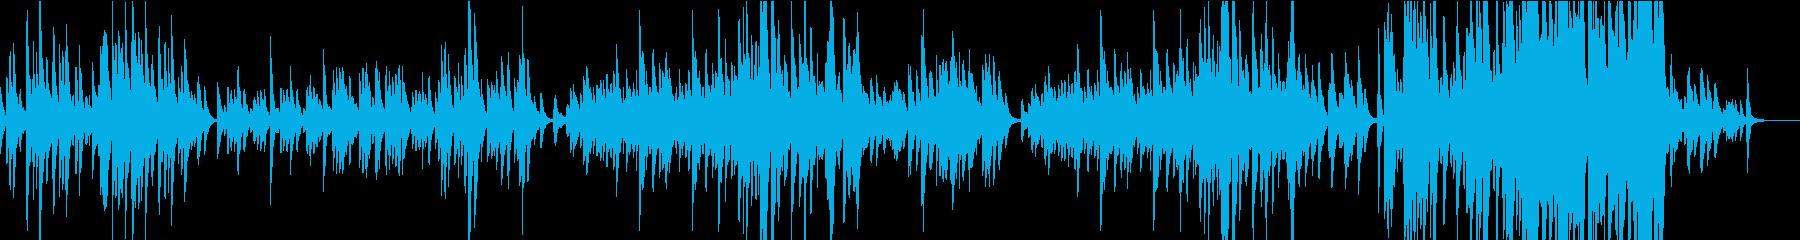 思い出を奏でるピアノの旋律の再生済みの波形